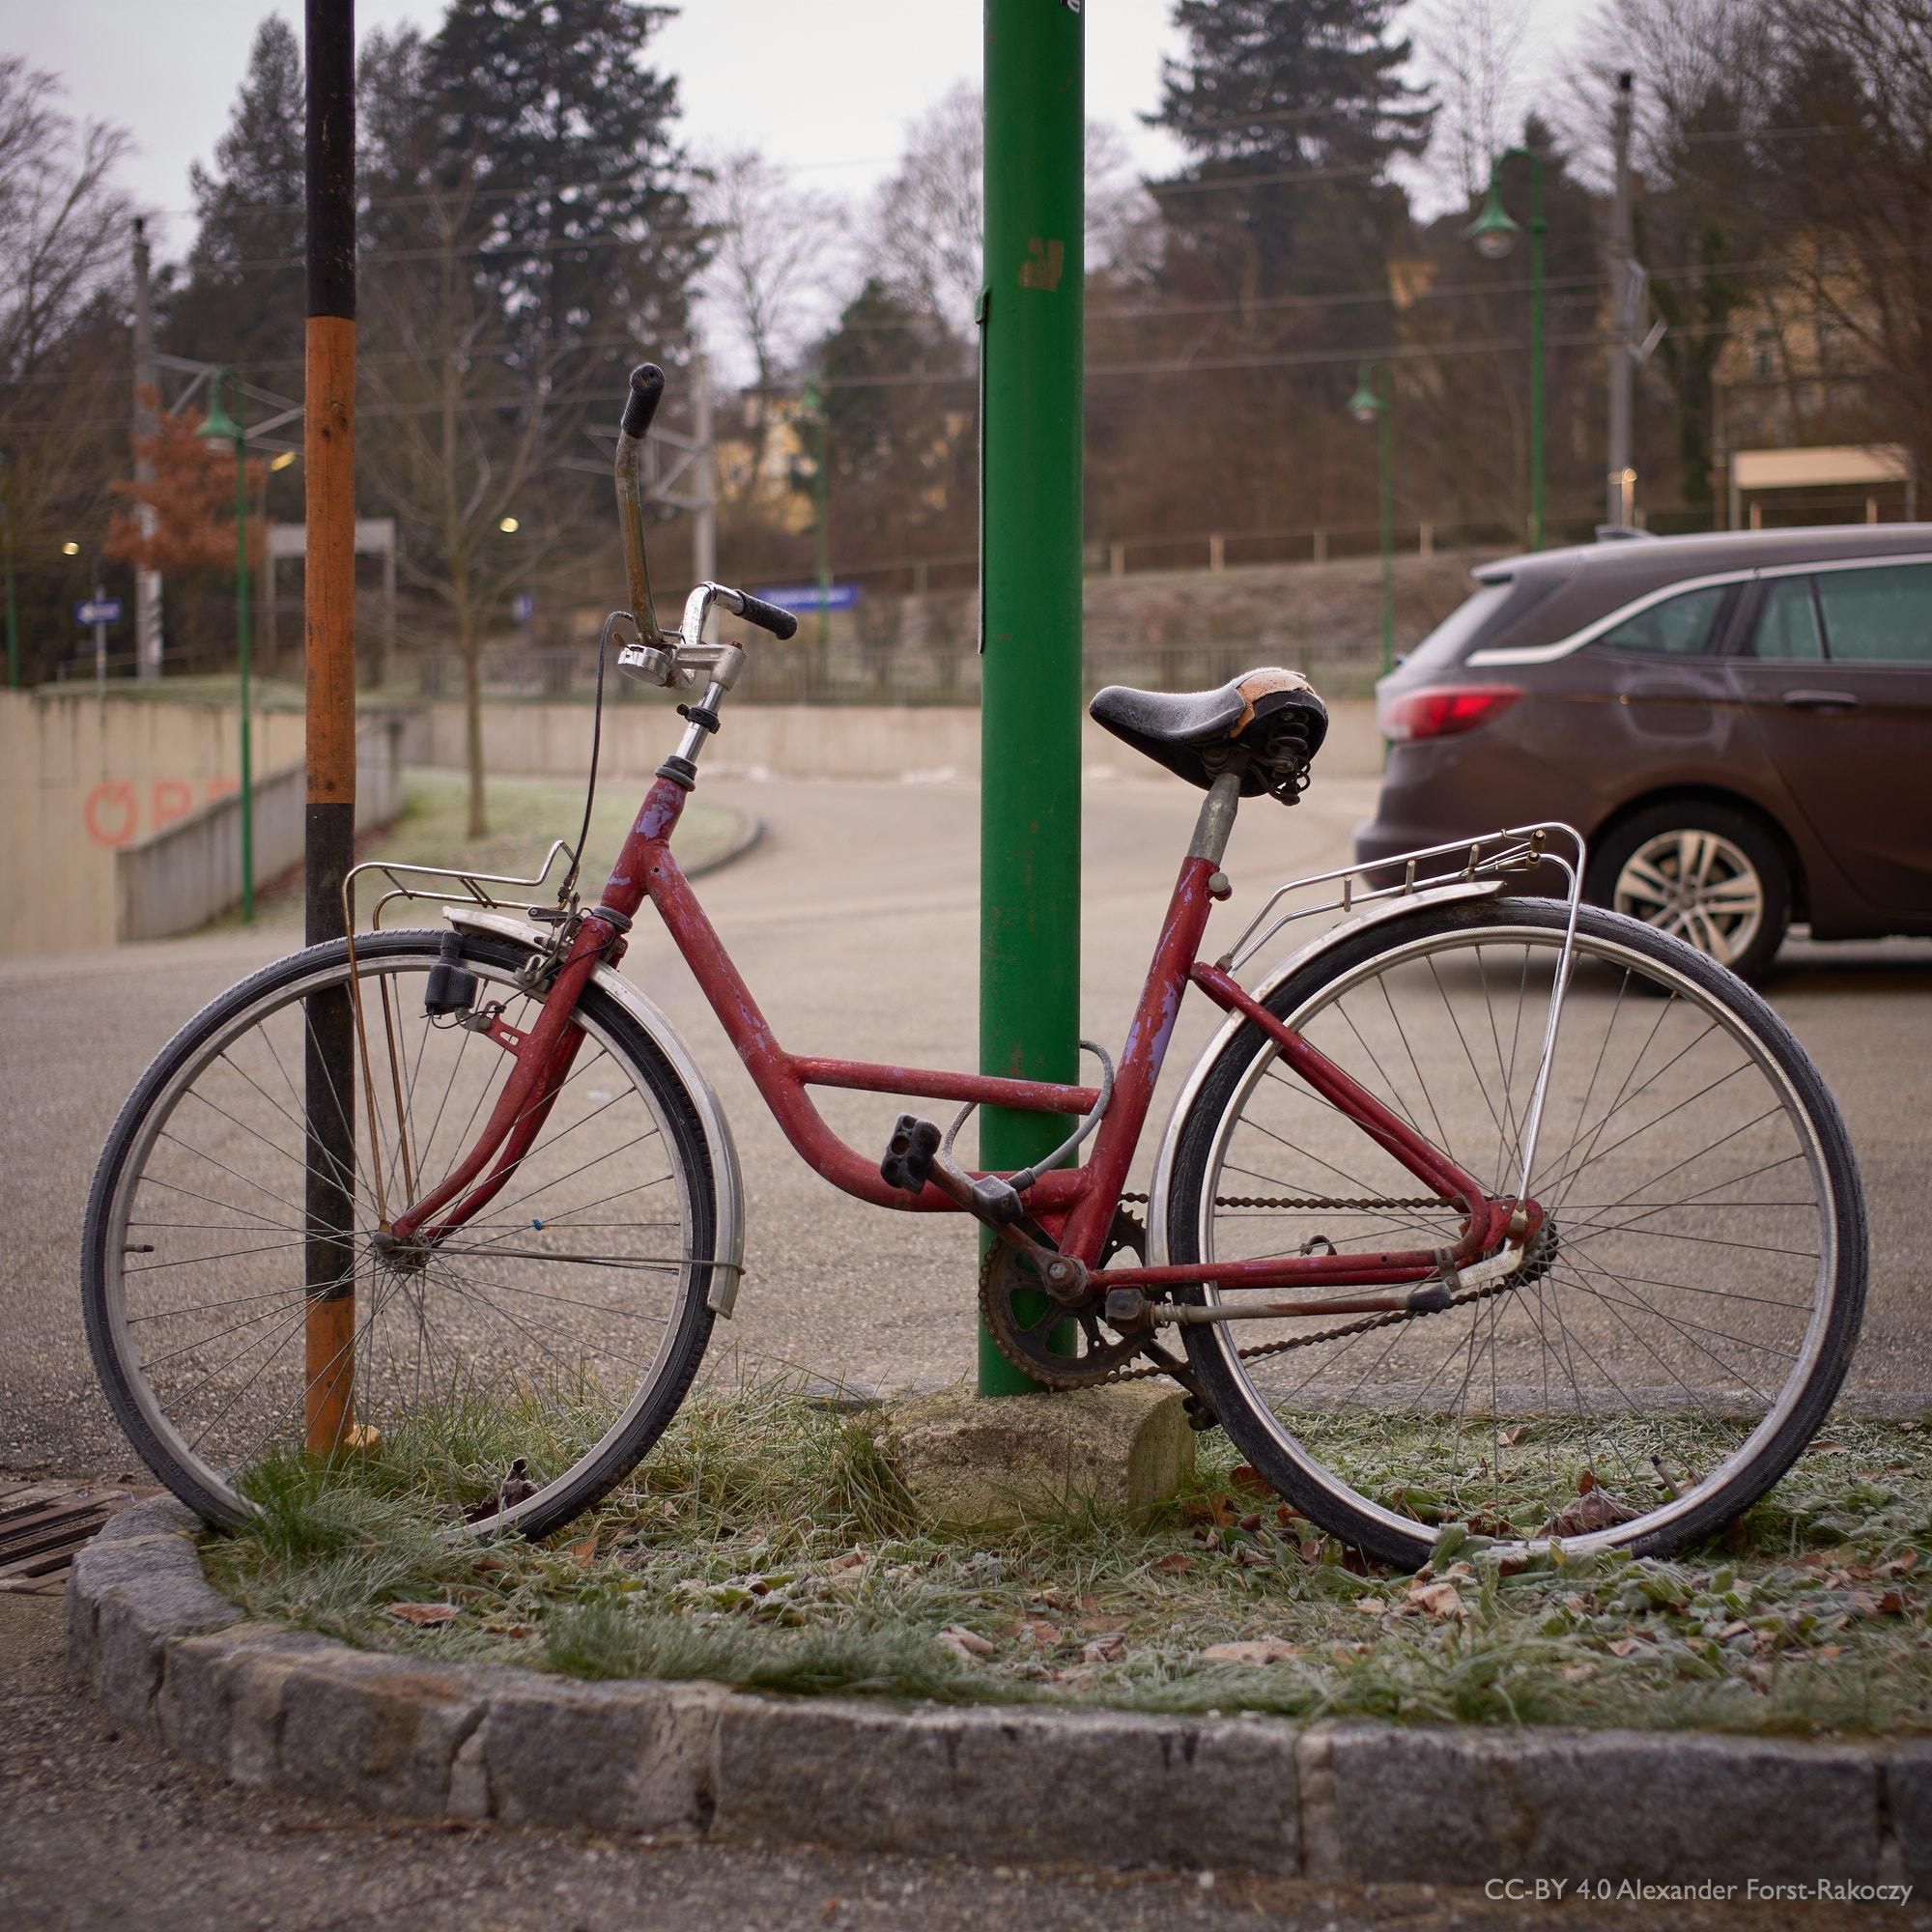 Alfora: An dieser Stelle parkt immer ein altes Fahrrad. Es ist zwar häufig ein anderes Fahrrad, aber es ist immer alt.